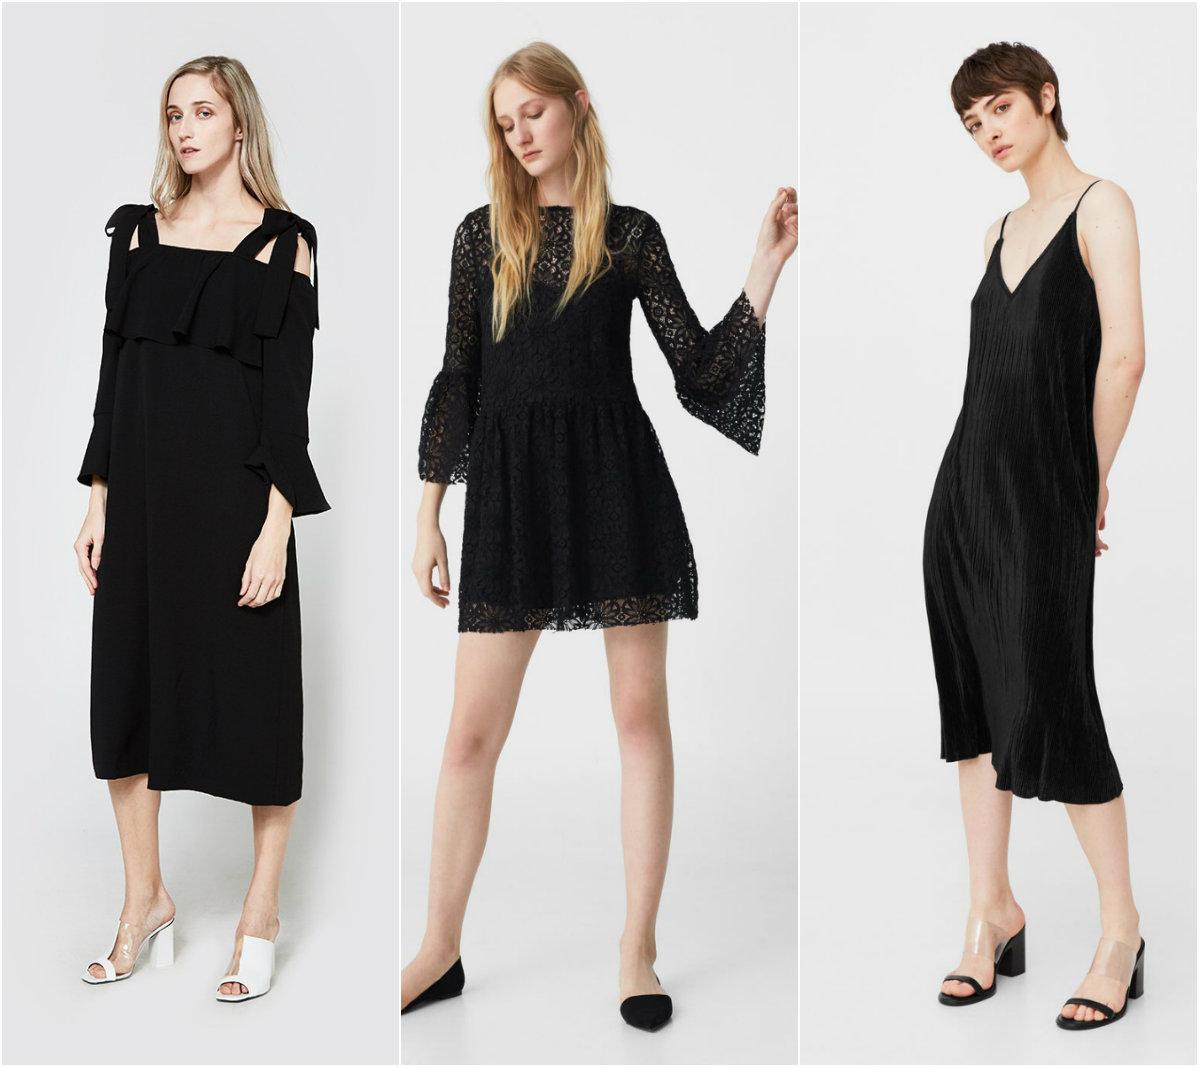 Монохроматски црни фустани што ќе ги носиме во различни прилики